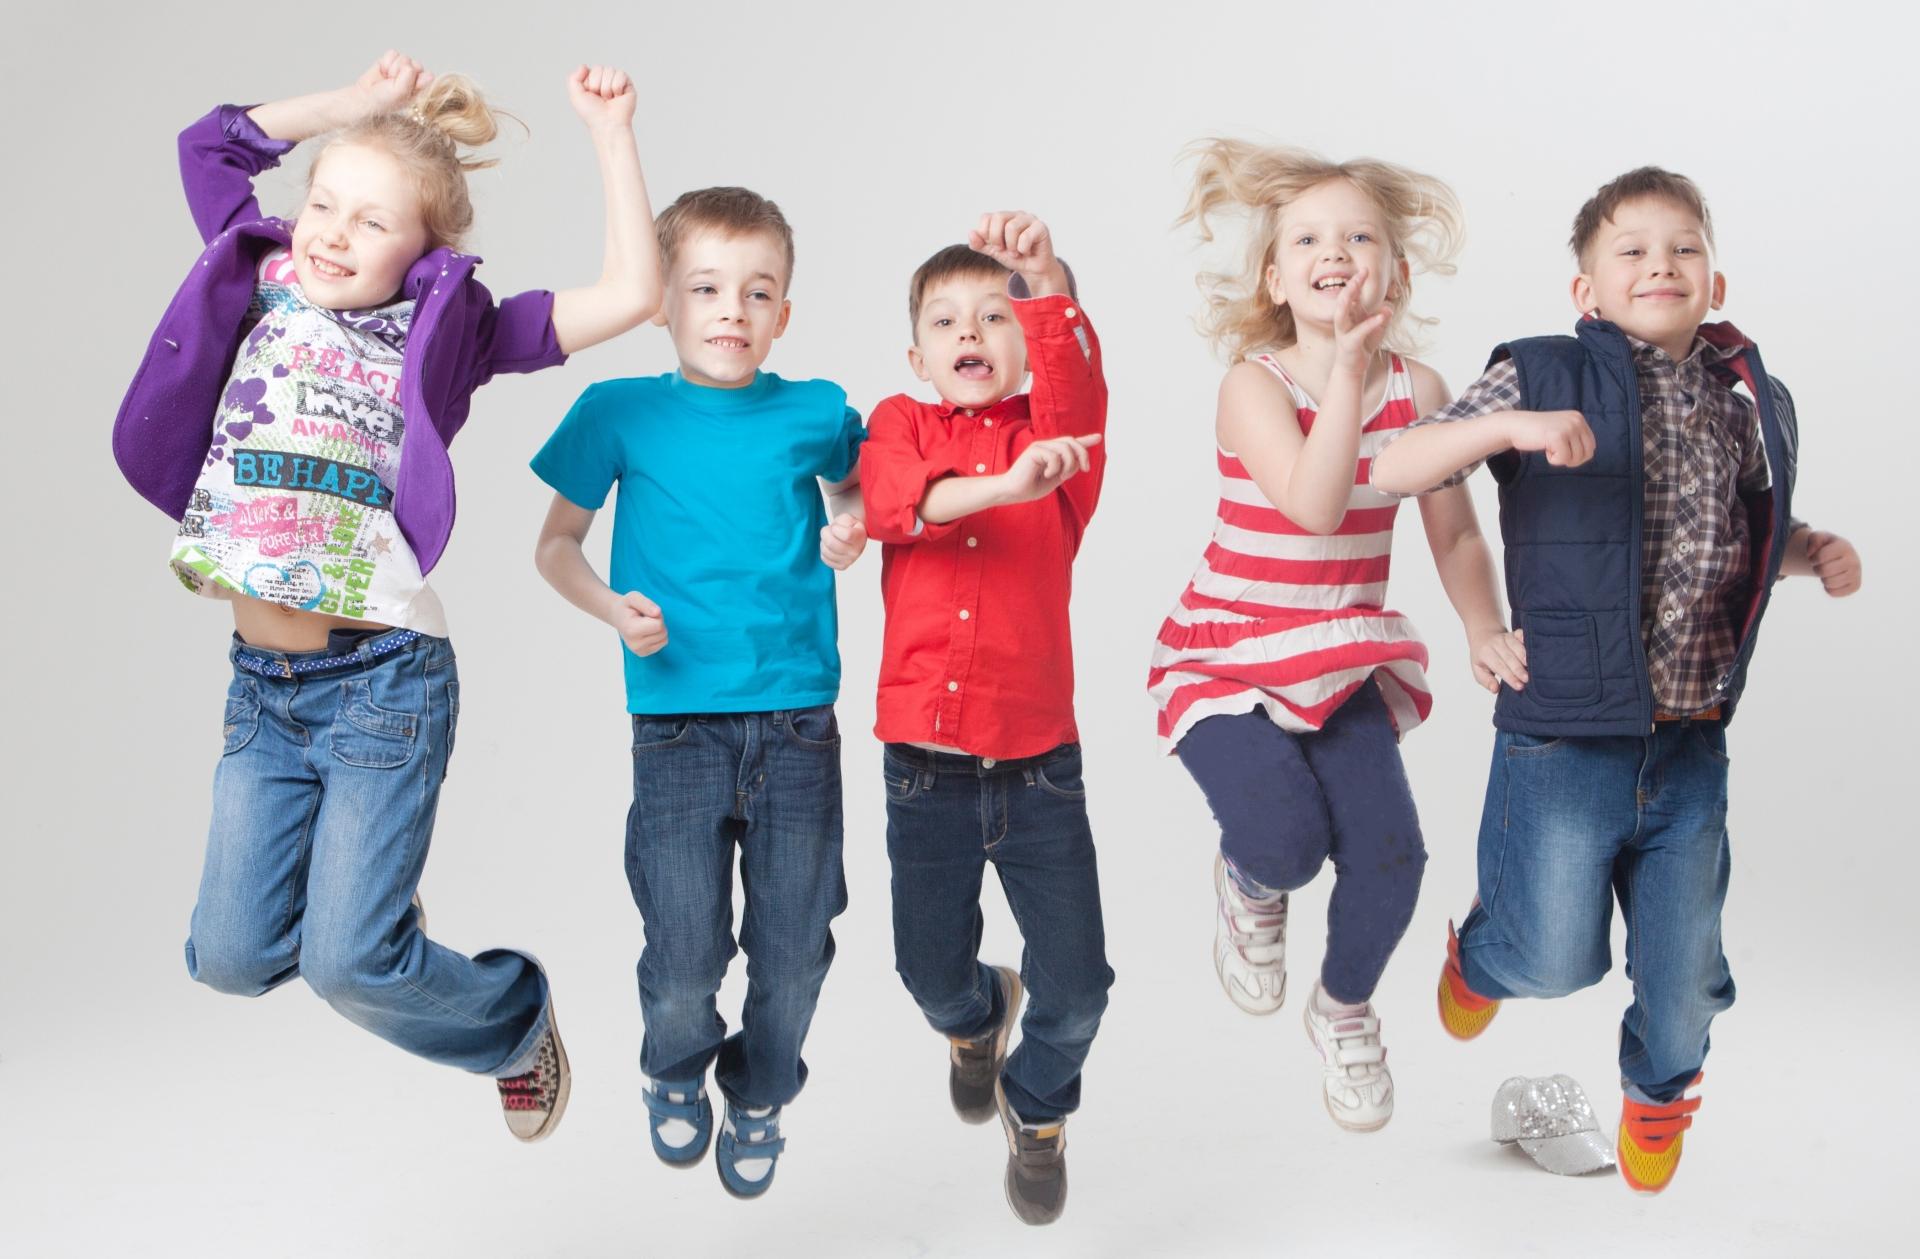 戸建なら、子ども達が自由に我慢することなく走り回ることができる